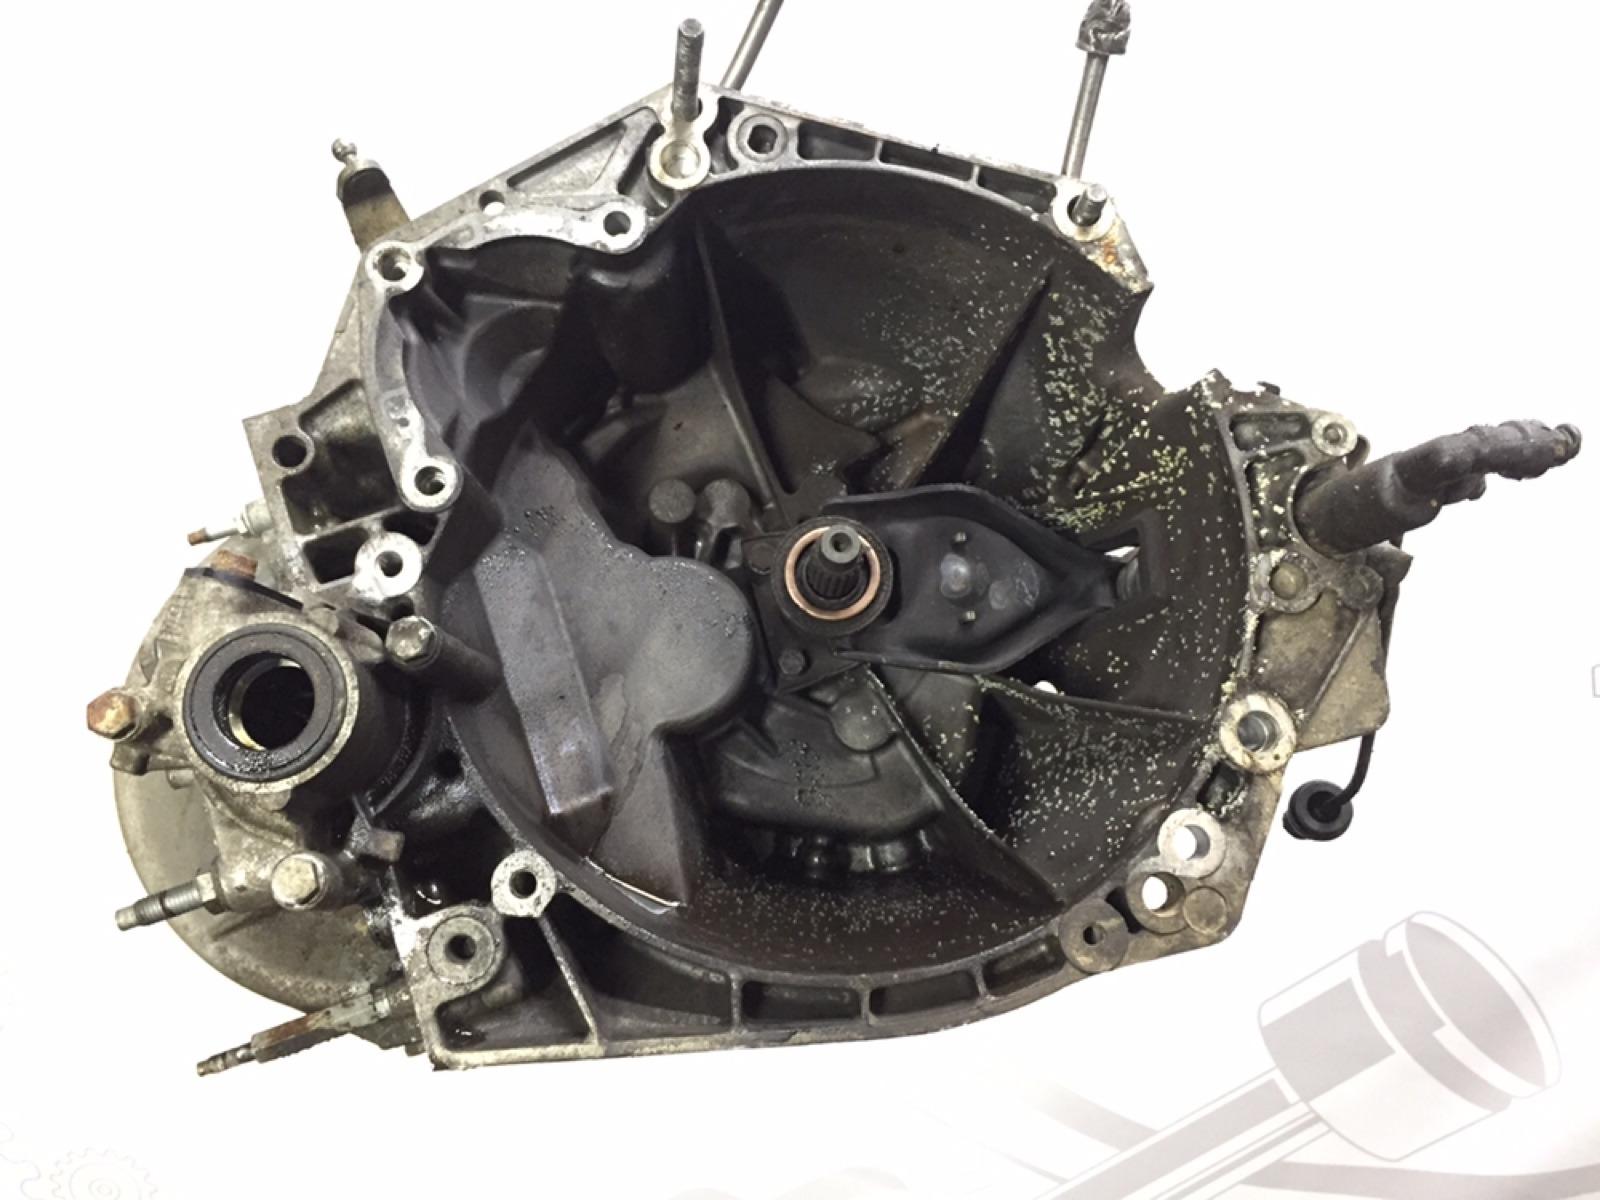 Кпп механическая (мкпп) Citroen Xsara Picasso 1.6 I 2006 (б/у)